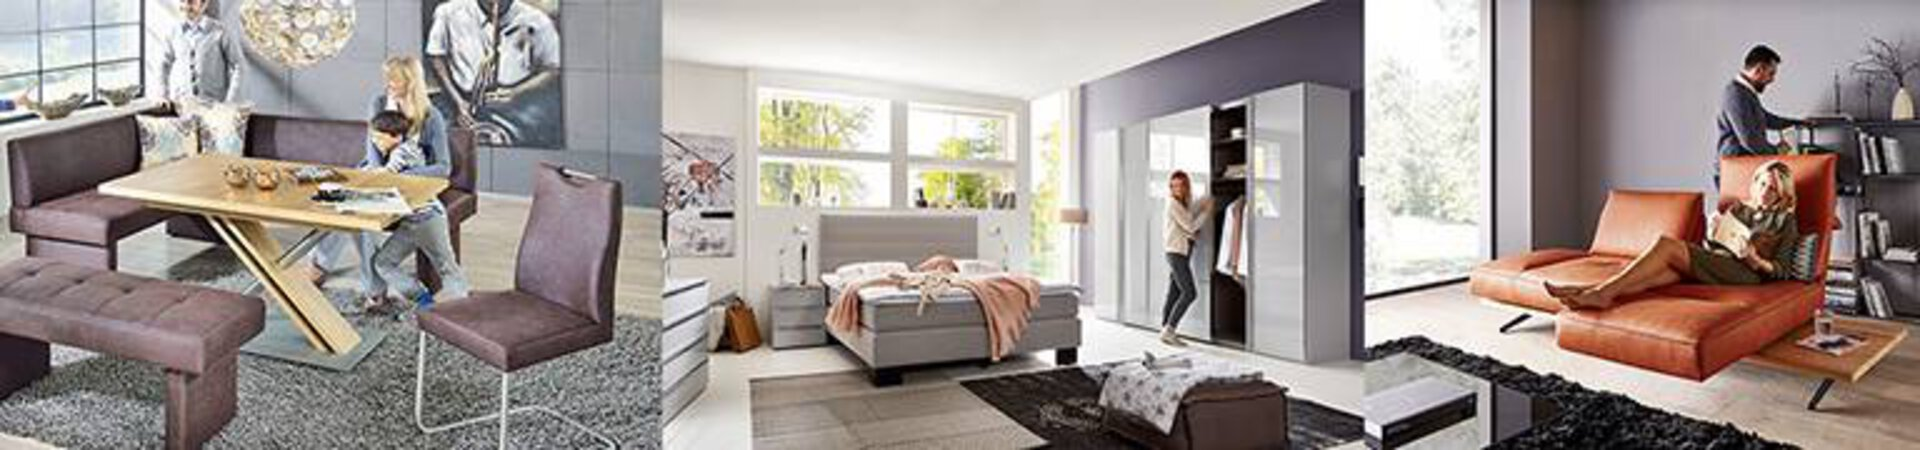 Titel-Banner-Bild zu Möbel-Gütepass -Speise-, Schlaf- und Wohnzimmer